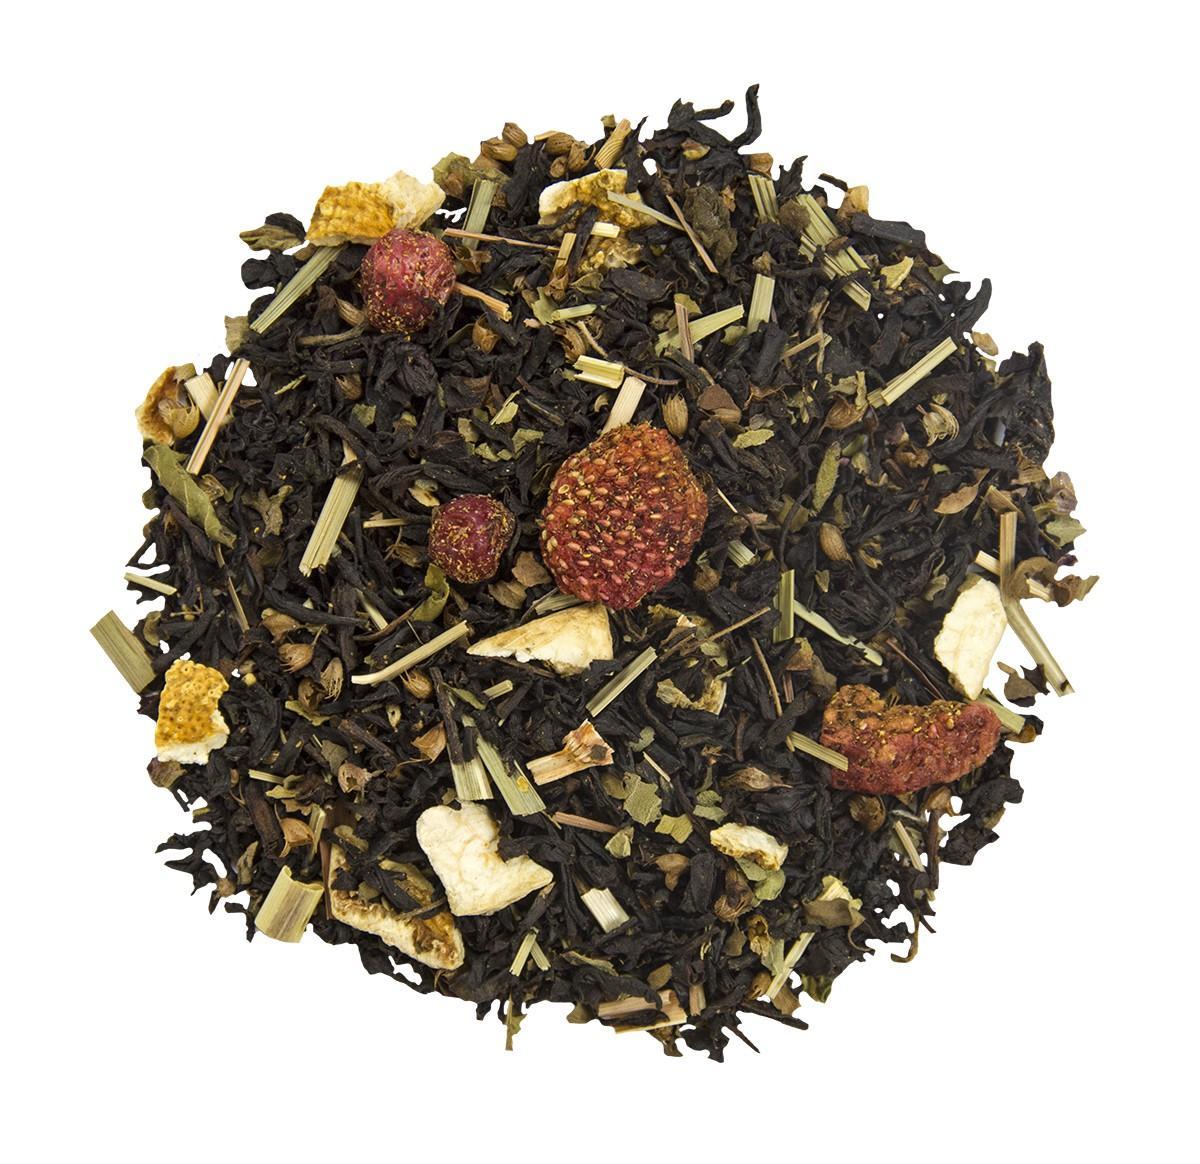 Black ice tea